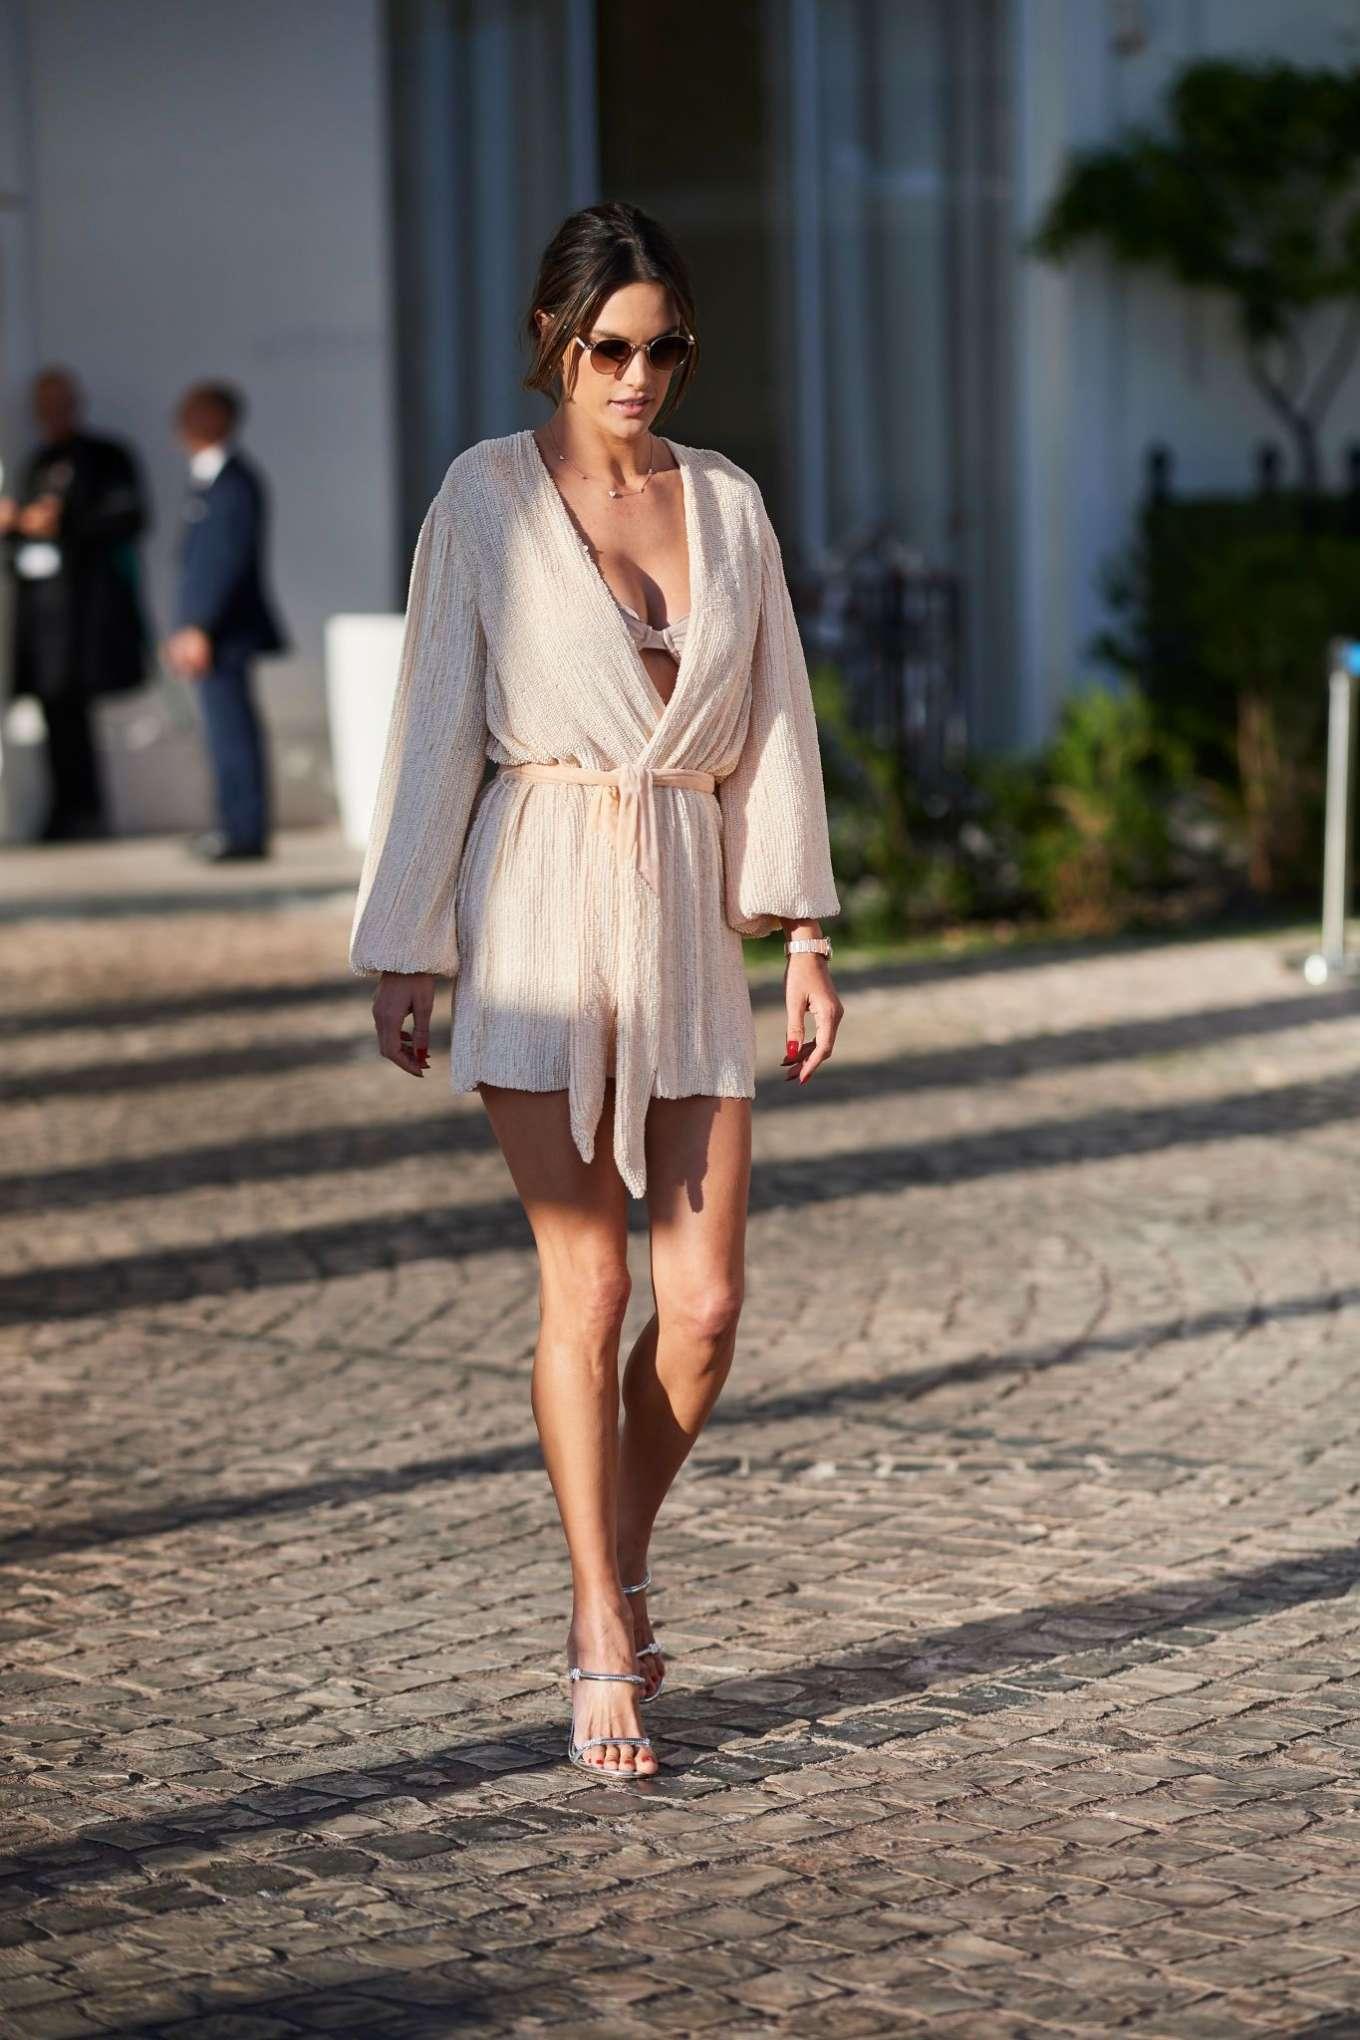 Alessandra Ambrosio 2019 : Alessandra Ambrosio: On the Croisette in Cannes -02